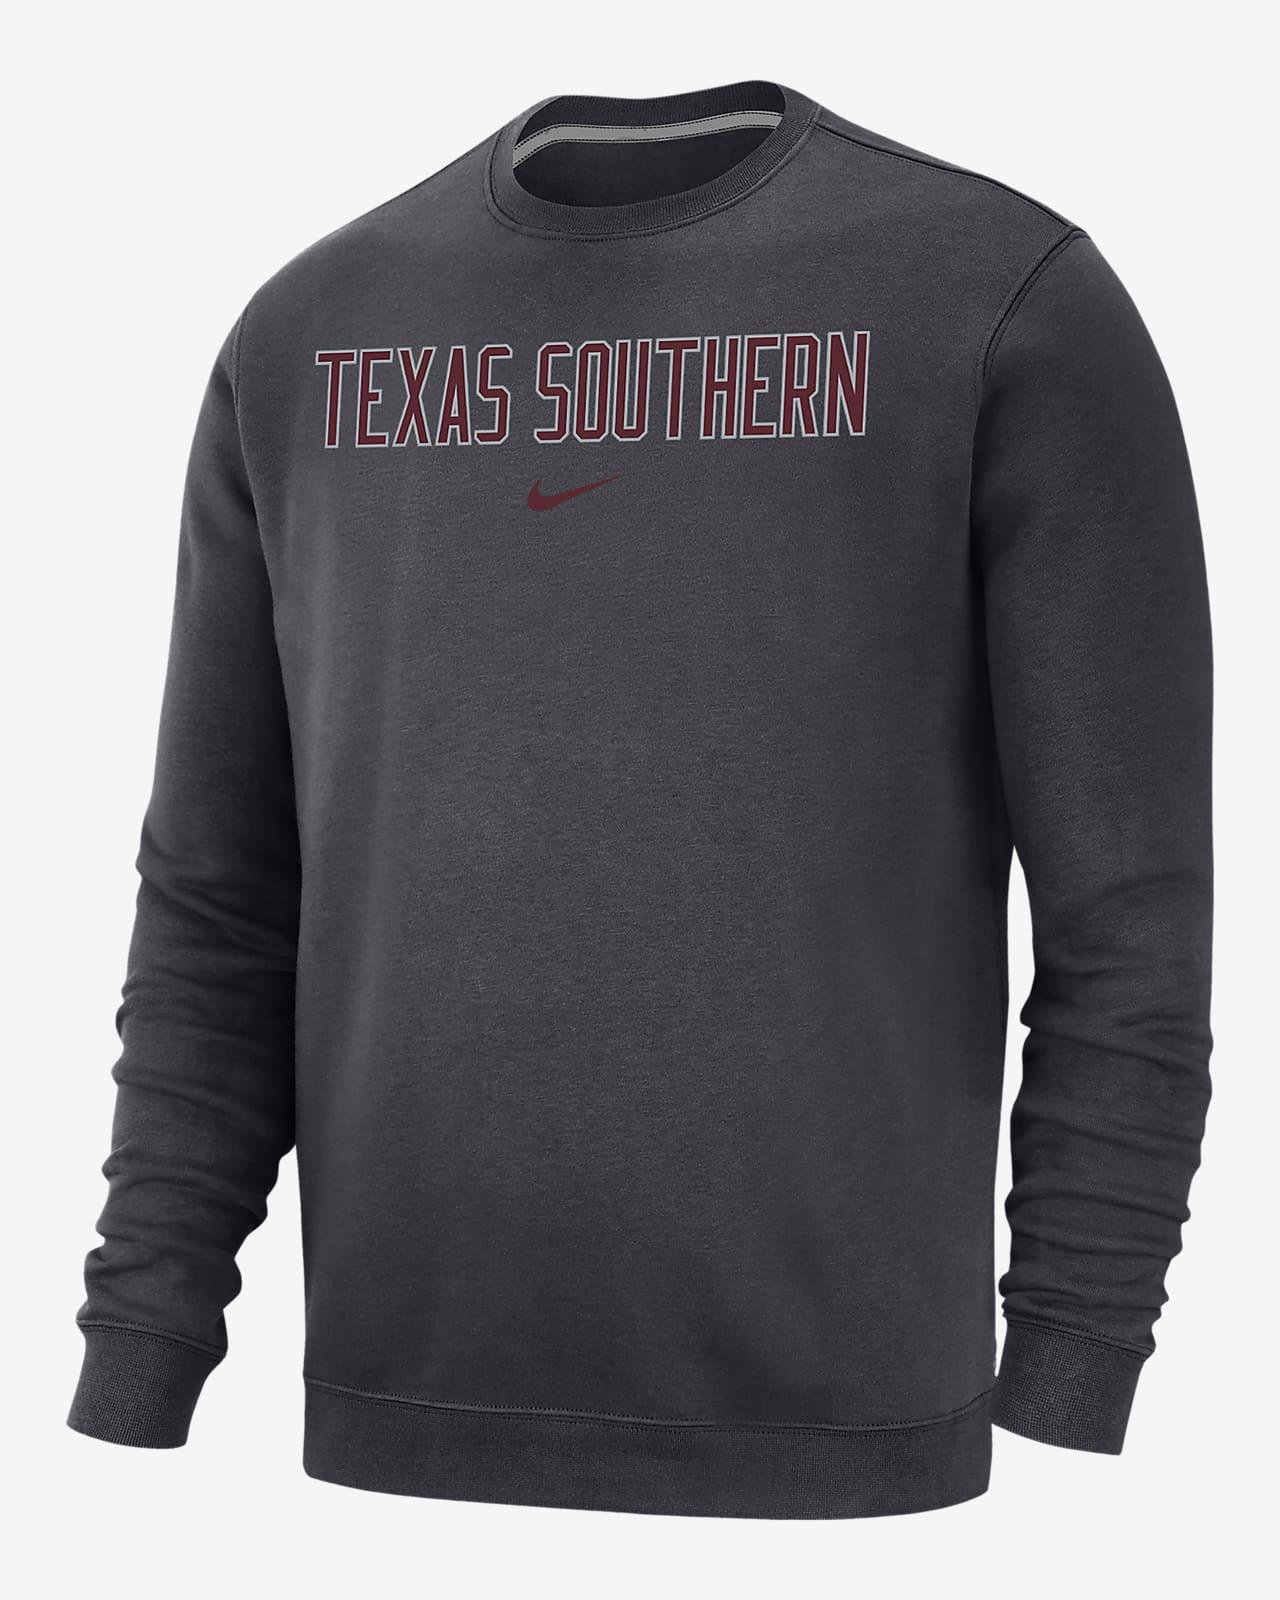 Nike College Club Fleece (Texas Southern) Crew Sweatshirt